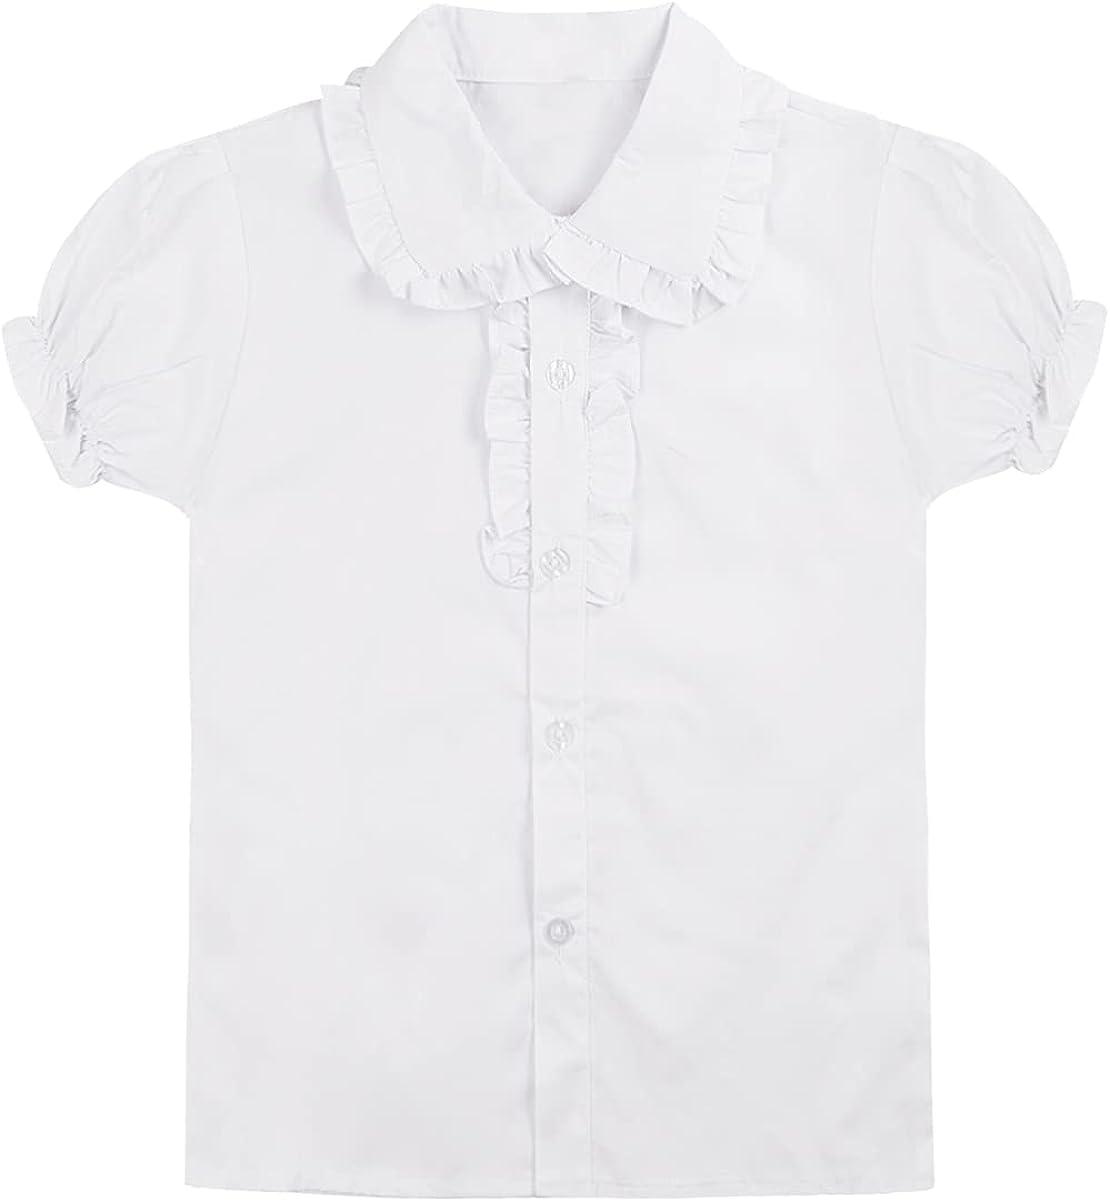 JEEYJOO Kids Girls Short Puff Sleeve Button Down School Uniform Blouse Lapel Collar Dress Shirt